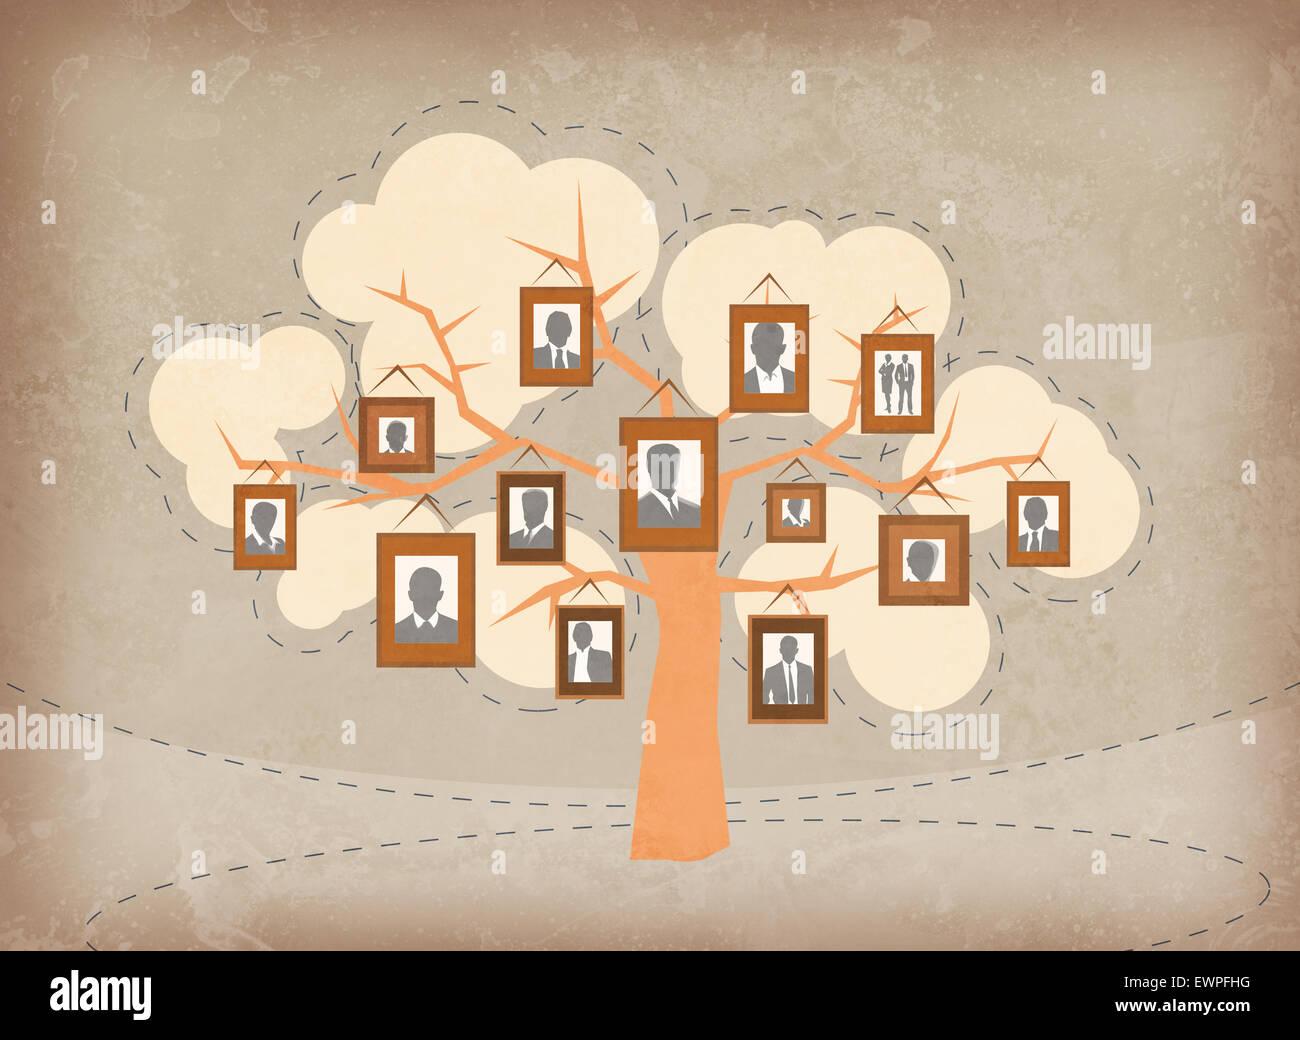 Imagen ilustrativa de gente de negocios adjuntas a las ramas de un árbol que representa el crecimiento y el Imagen De Stock